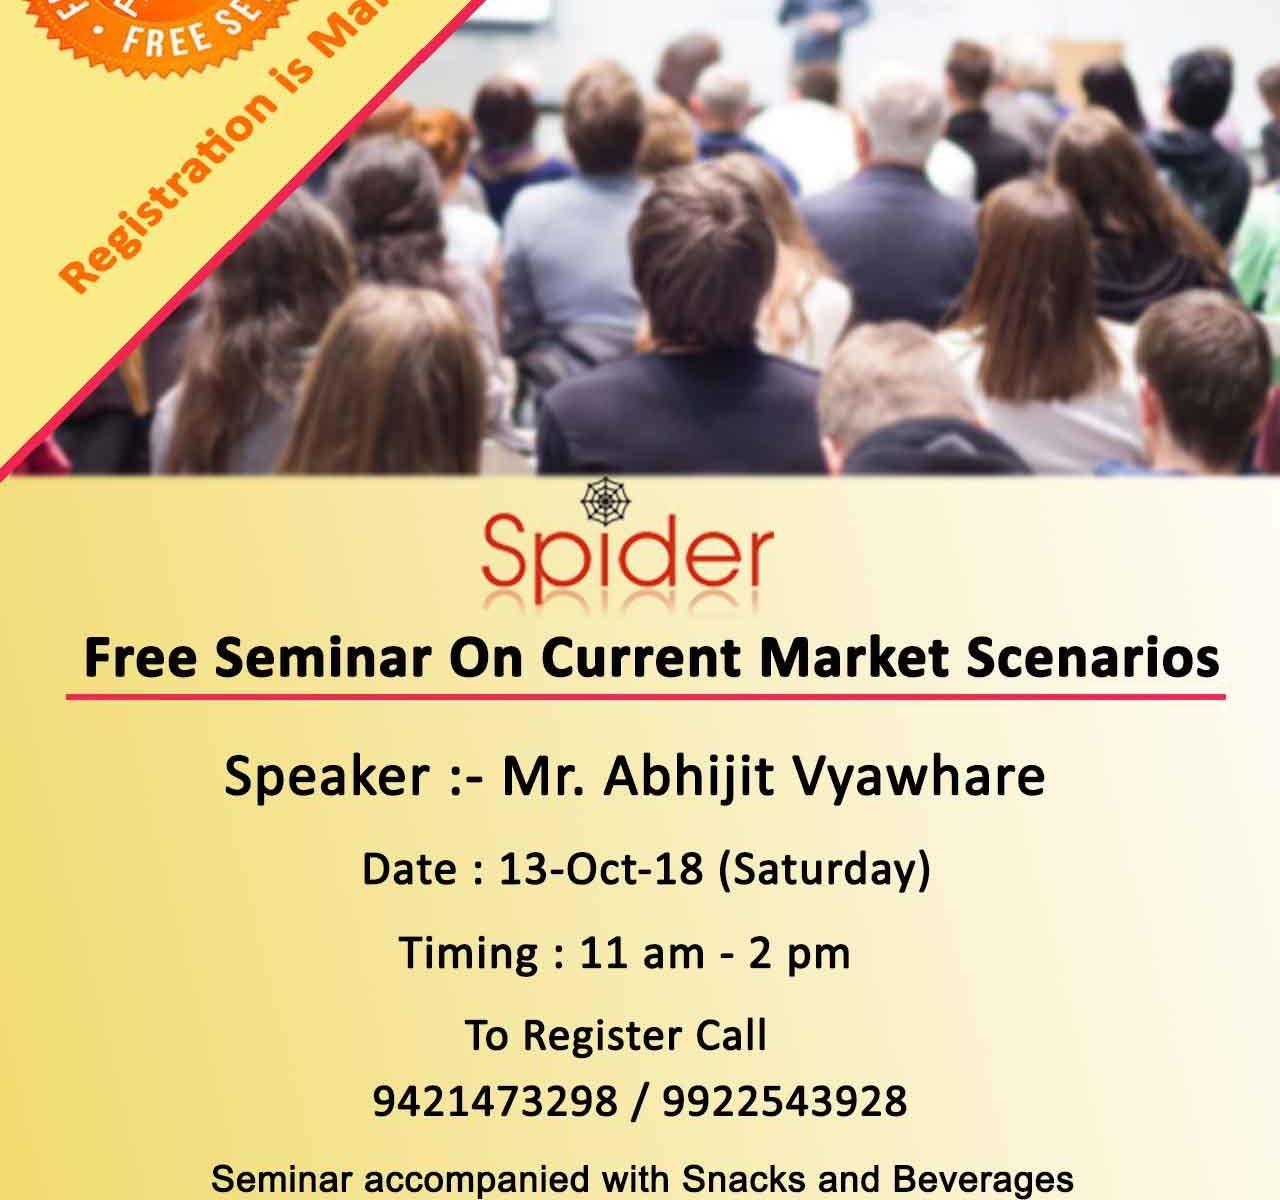 Pune seminar